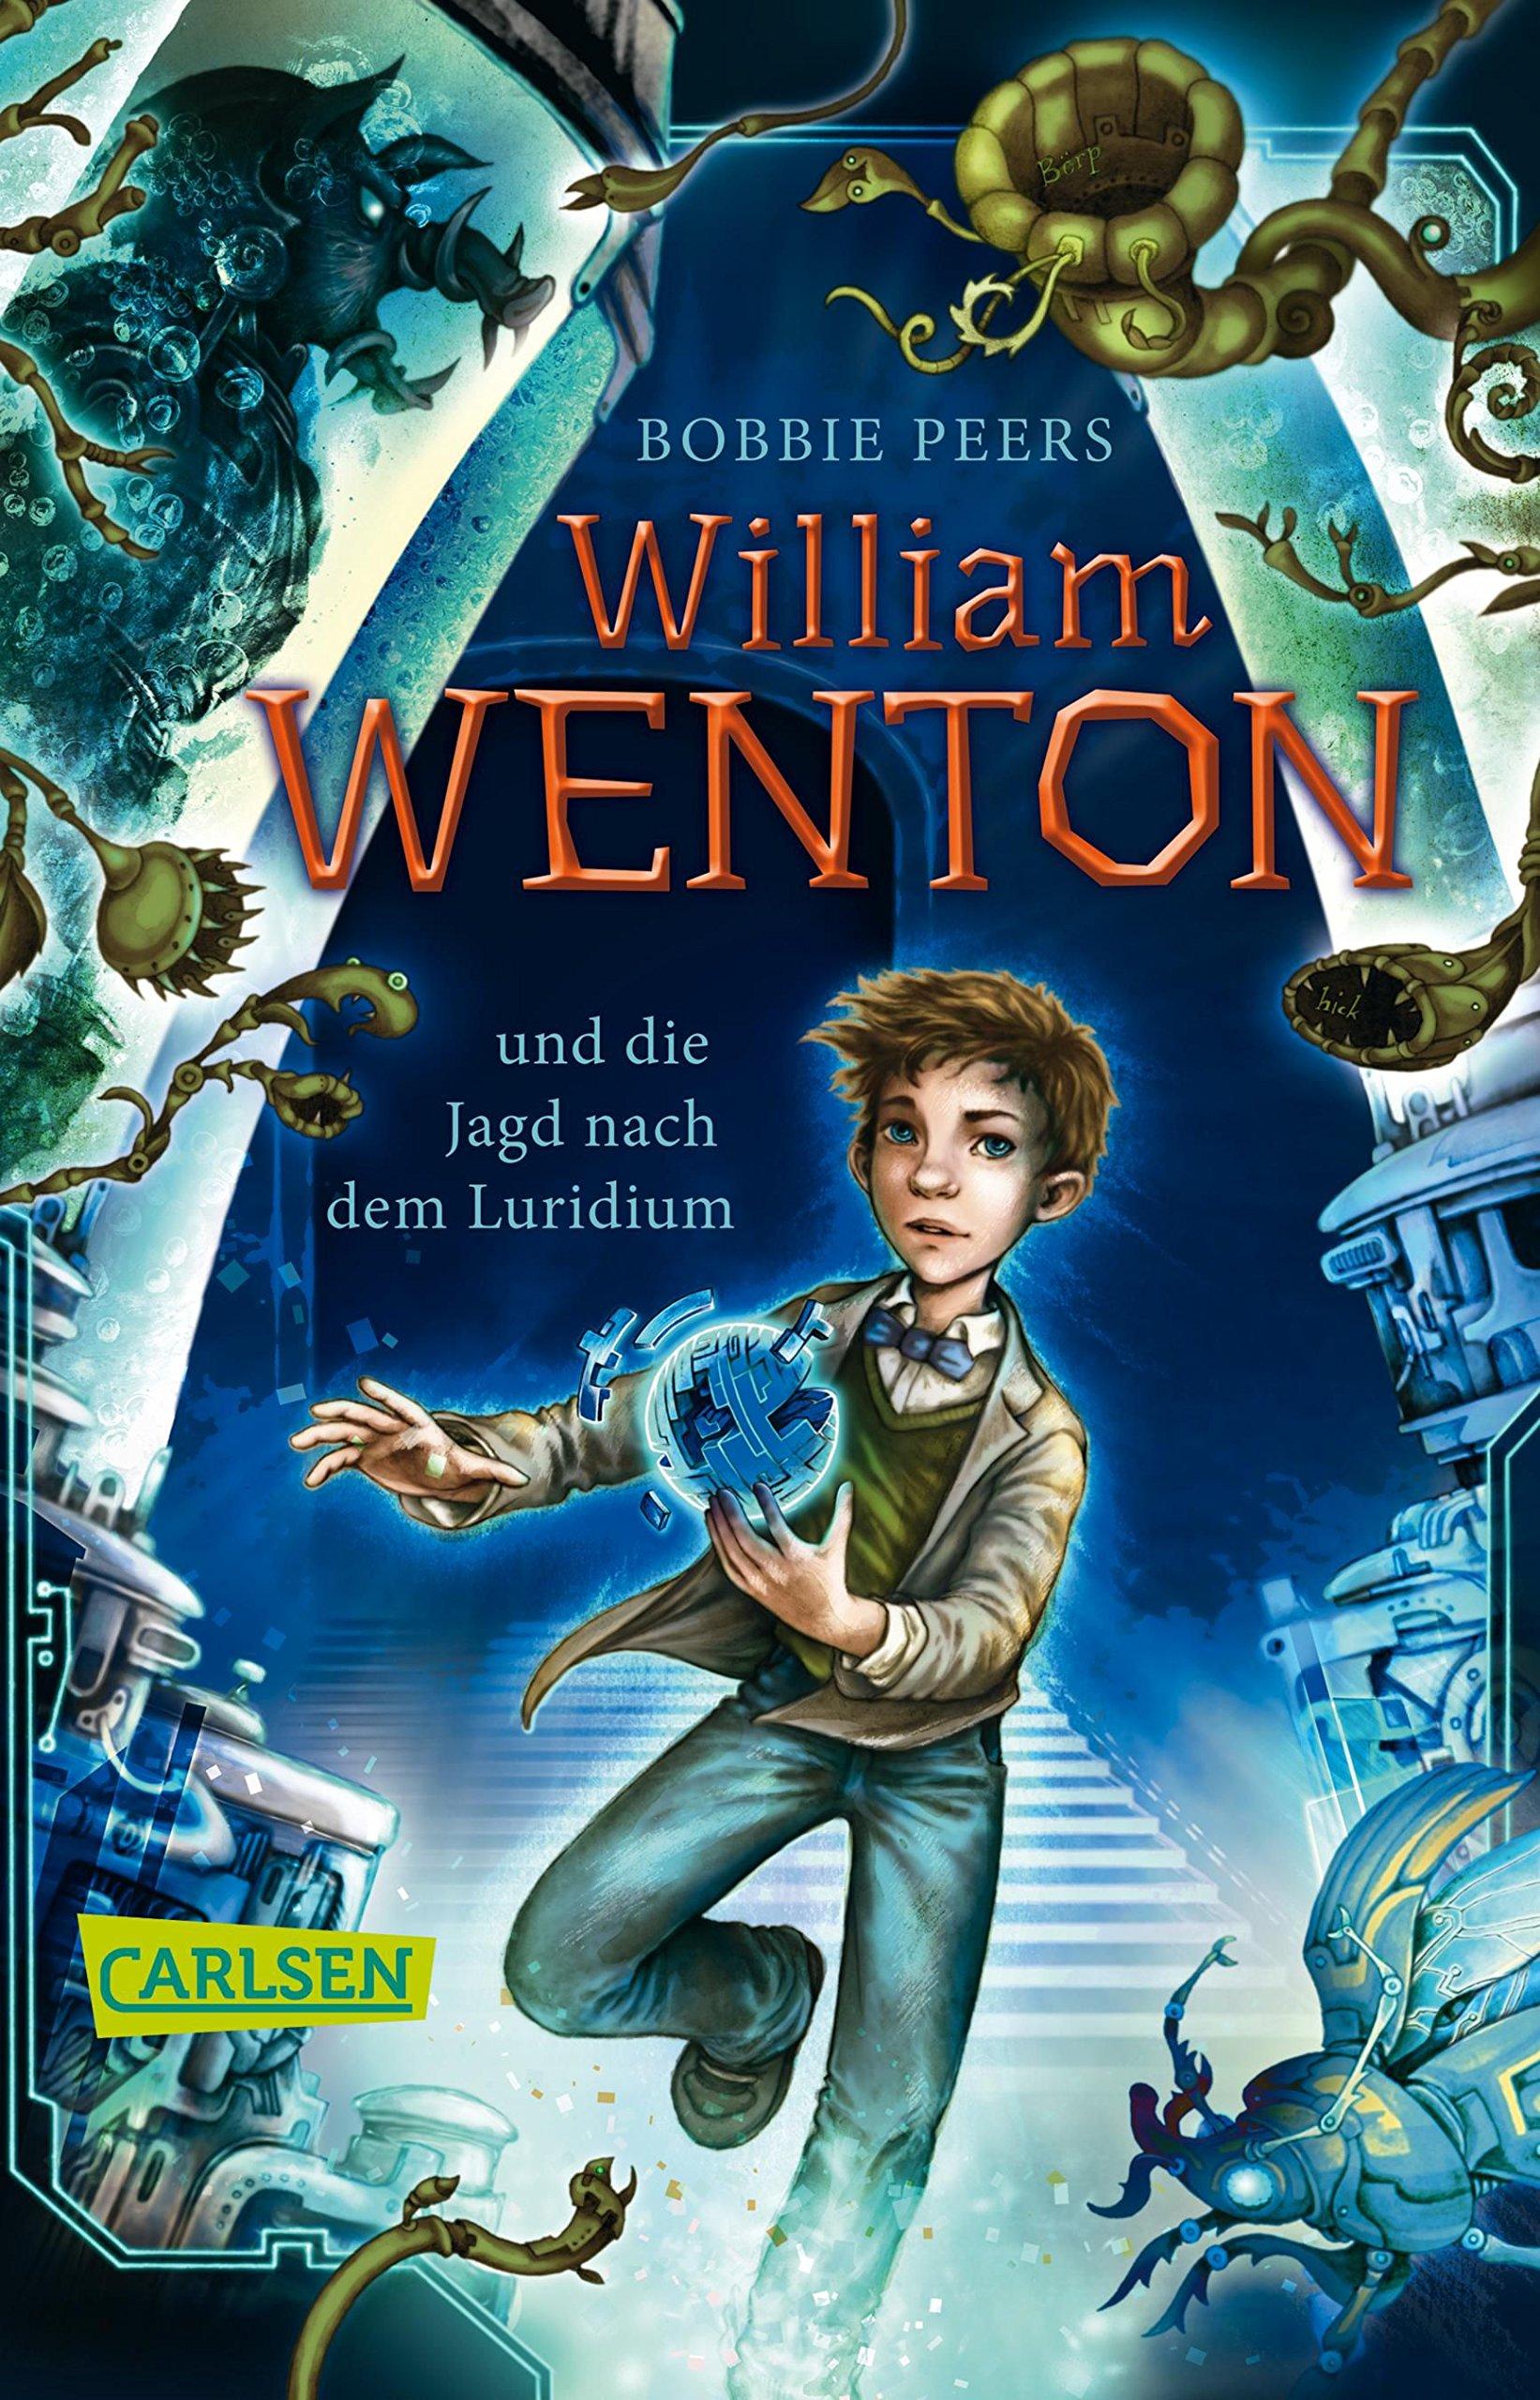 William Wenton 1: William Wenton und die Jagd nach dem Luridium